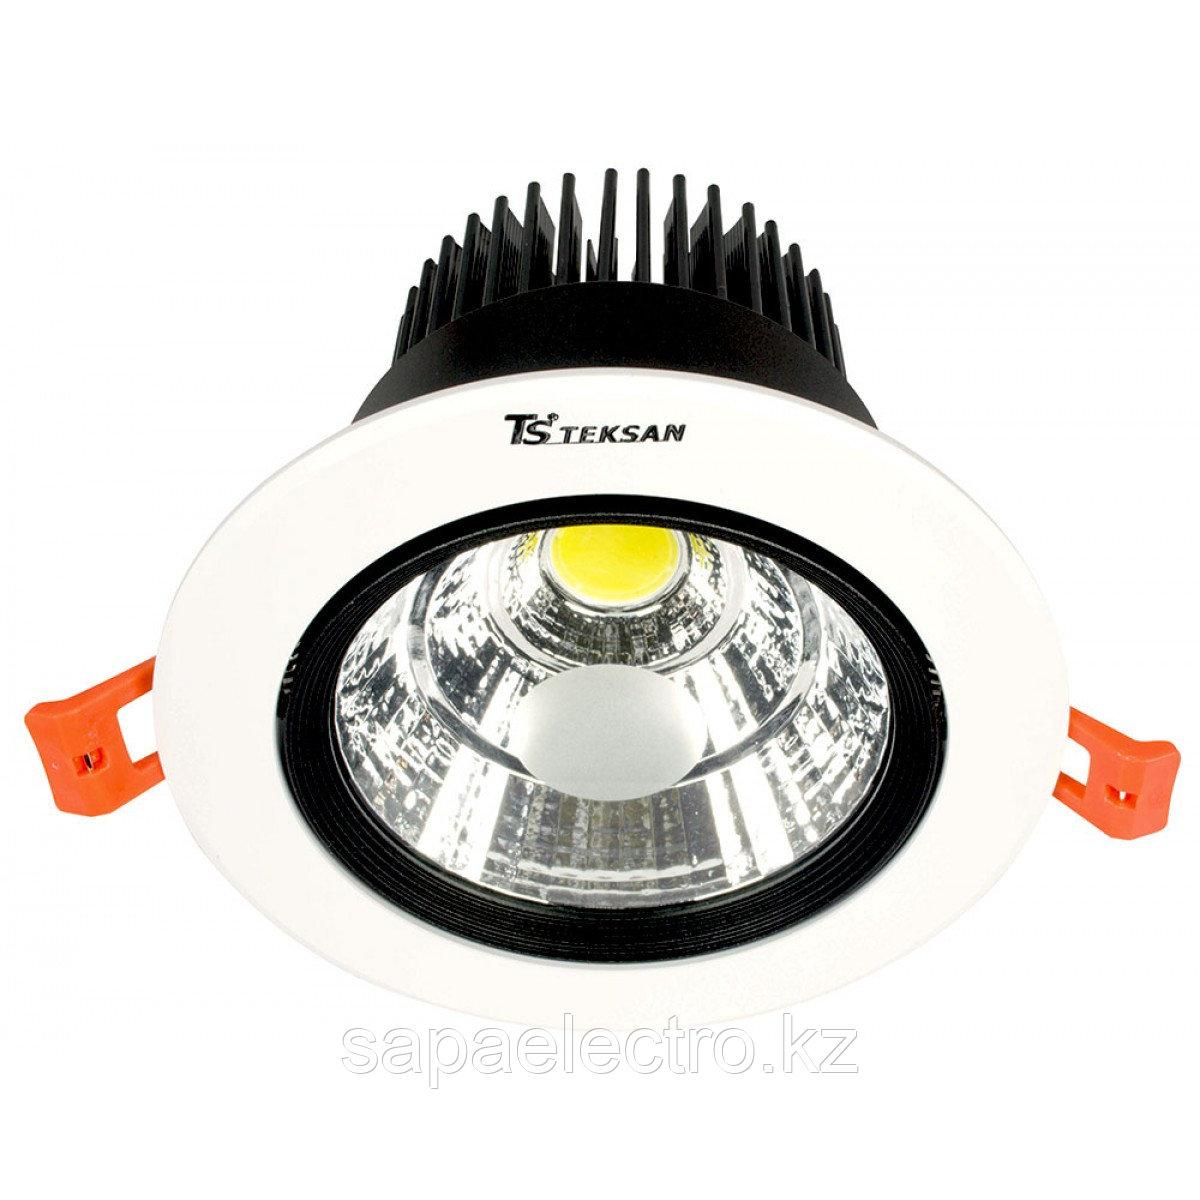 Свет-к DOWNLIGHT LED 427B 20W WHITE 5000K(TS)50шт